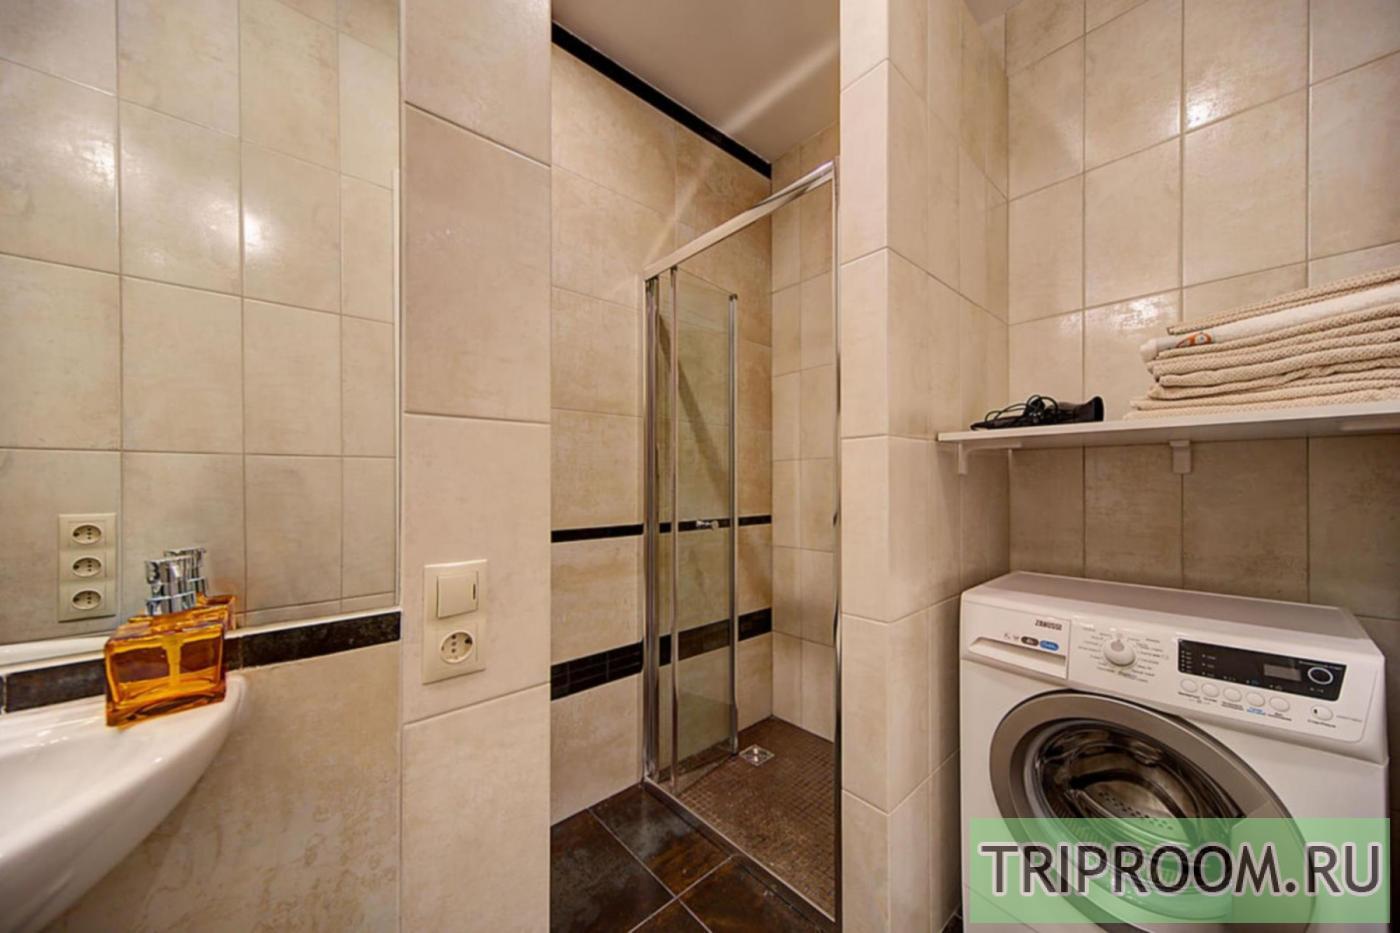 1-комнатная квартира посуточно (вариант № 33291), ул. Социалистическая ул, фото № 8